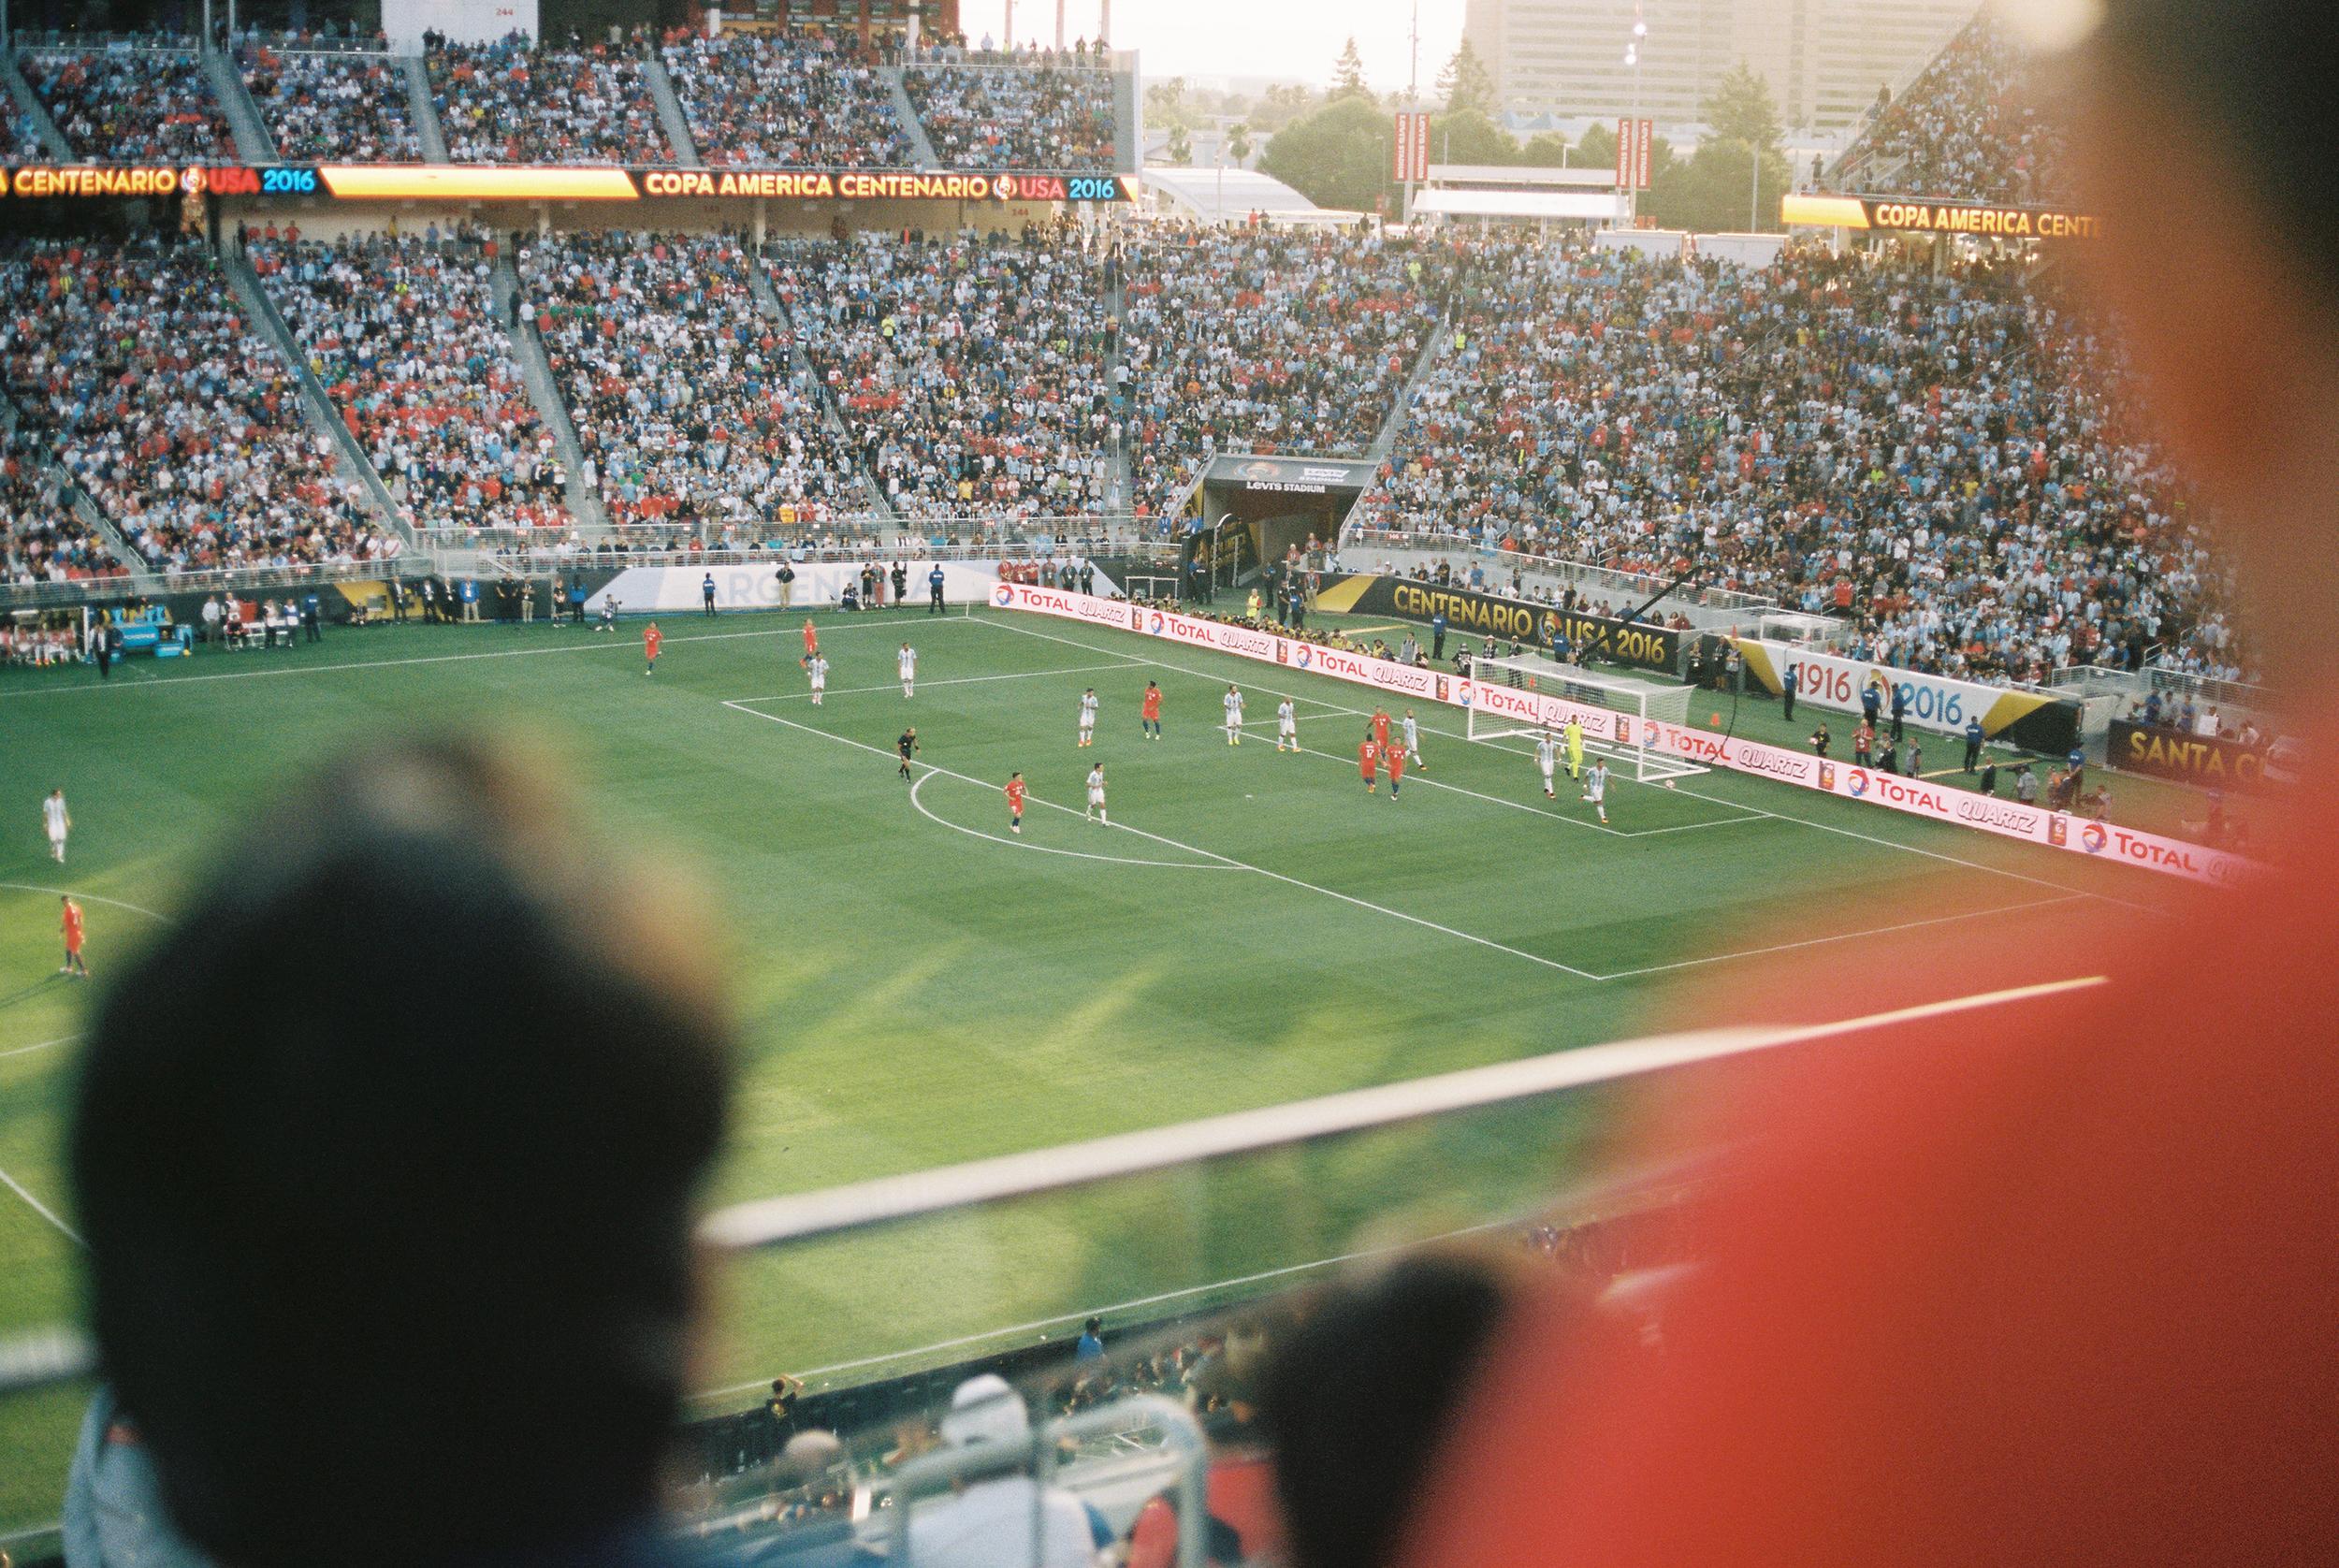 San Francisco - Alcatraz - Film - Portra - Fuji - Copa America - San Jose - Canon AE-1 - USA - Colombia - Chile - Argentina